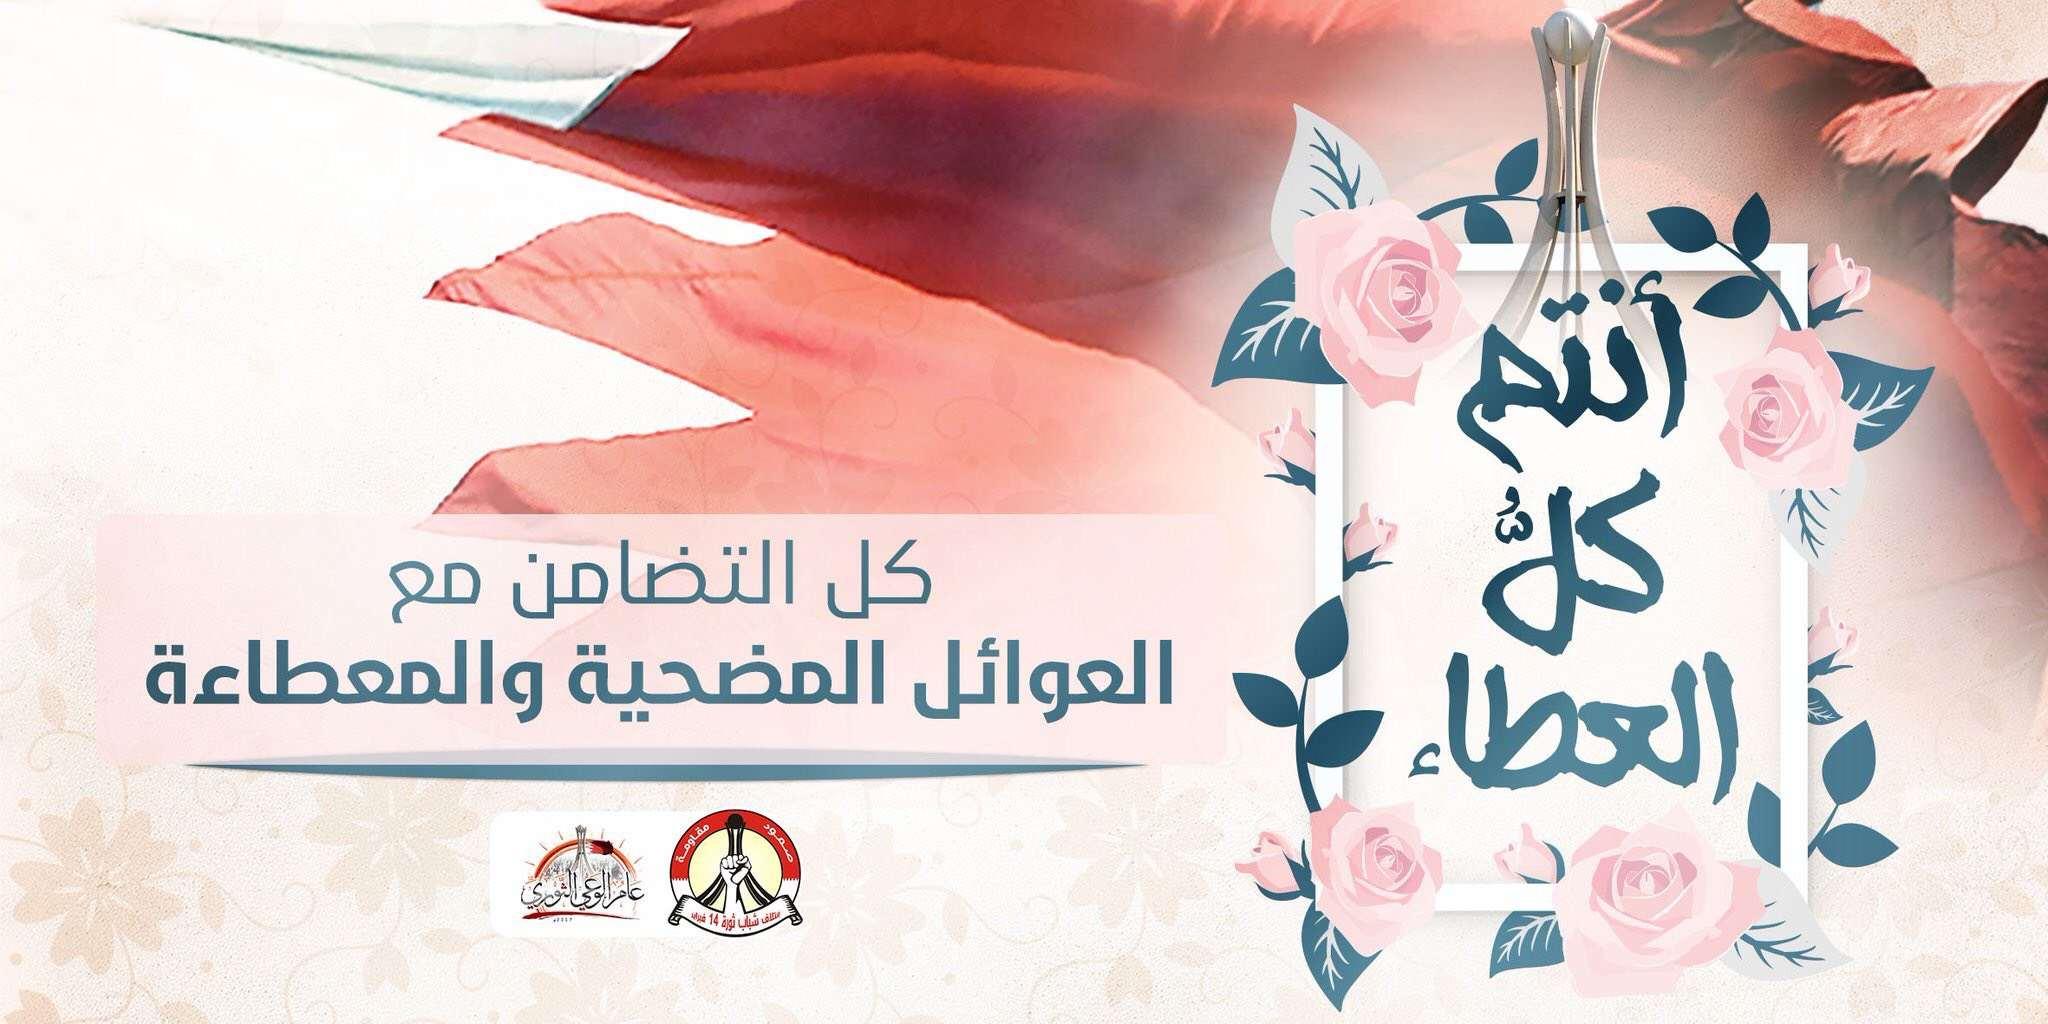 «ائتلاف 14 فبراير» يدعو لفعاليات «أنتم كلّ العطاء» في عيد الأضحى